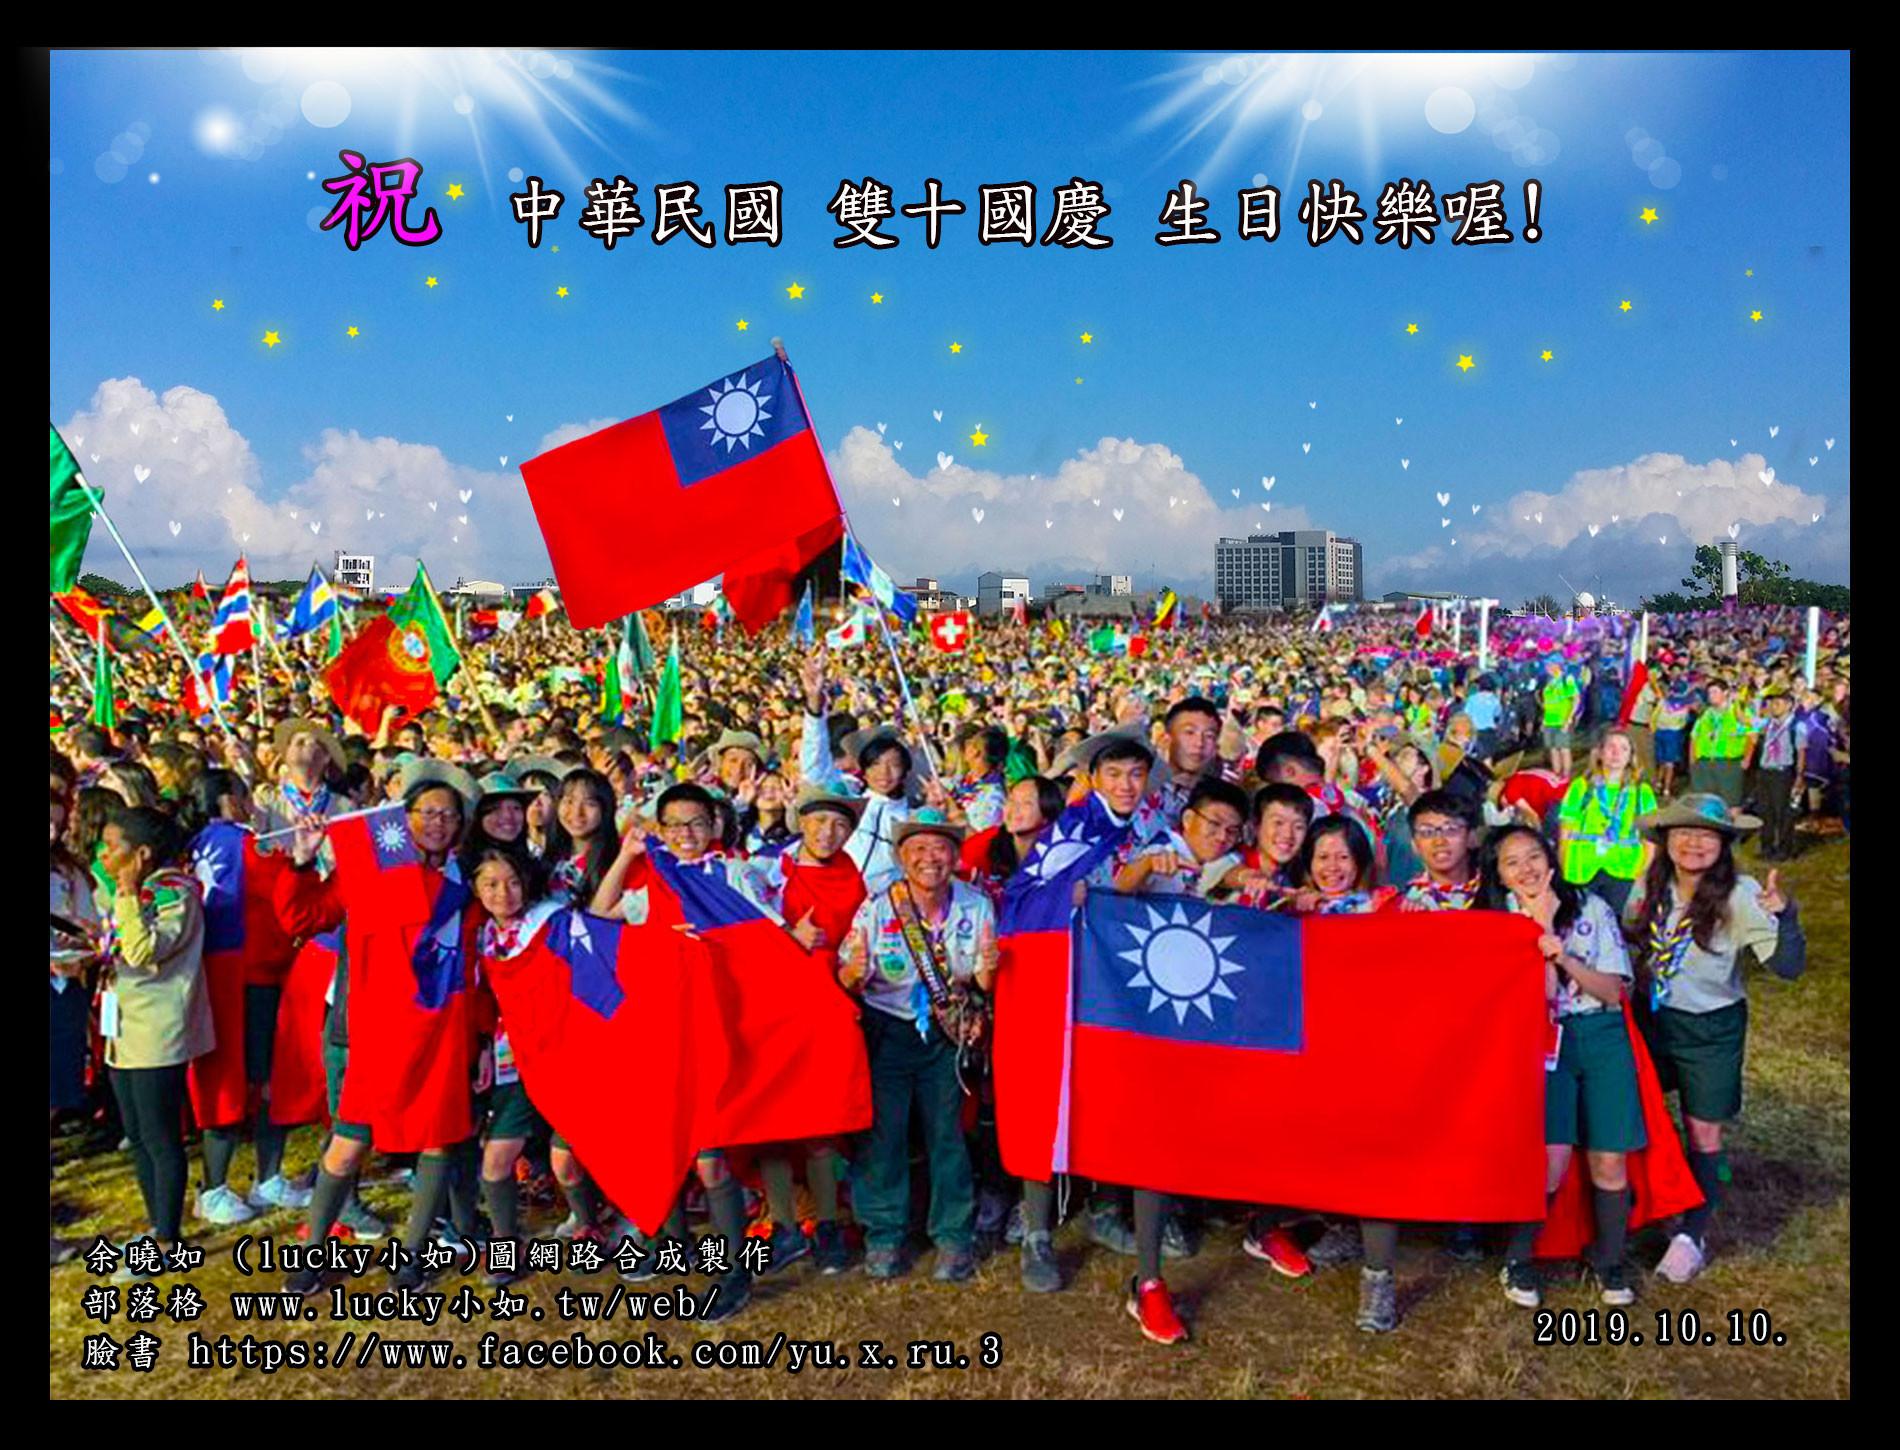 """祝 我 """" 中華民國 """" 雙十國慶生日快樂喔 !"""